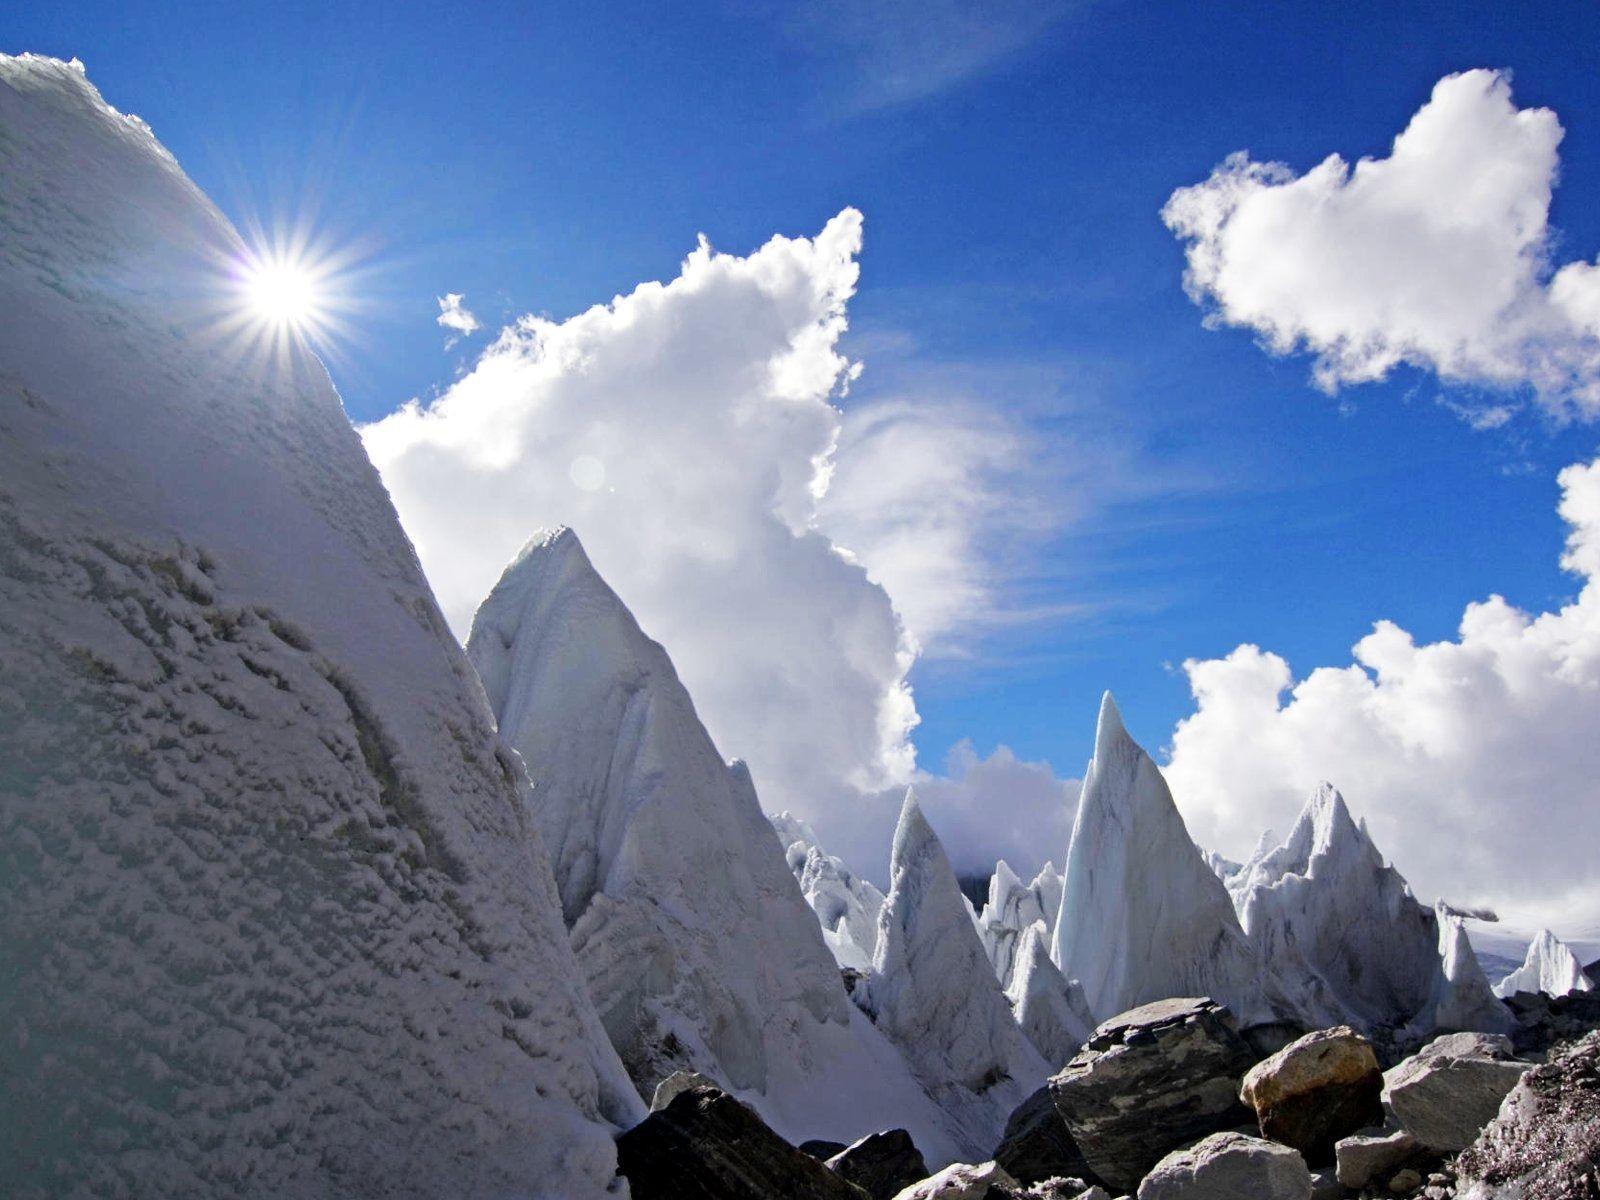 Himalayas Wallpapers 1600x1200